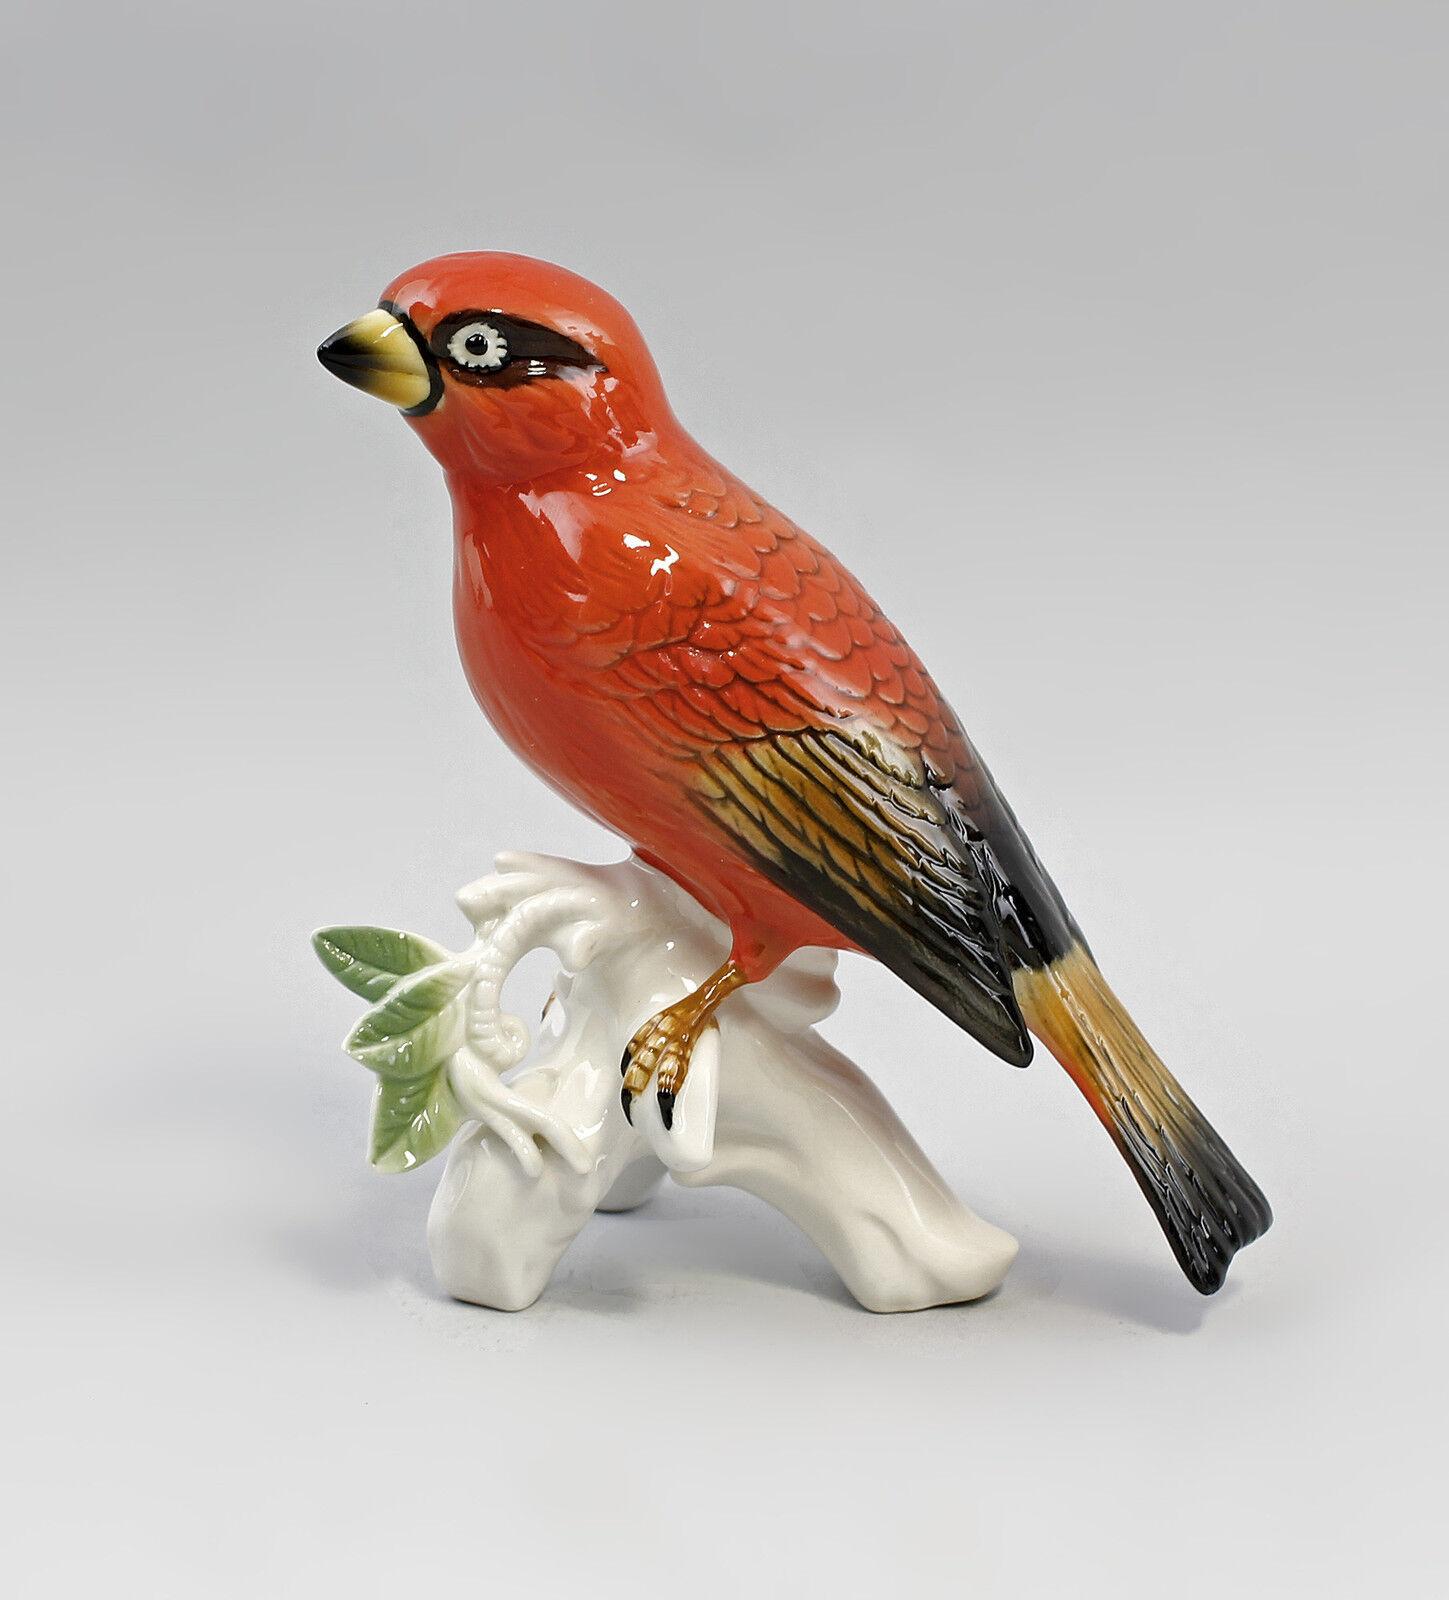 Porcelana figura pájaro Weber pájaro ens 12x13x6cm 9941539